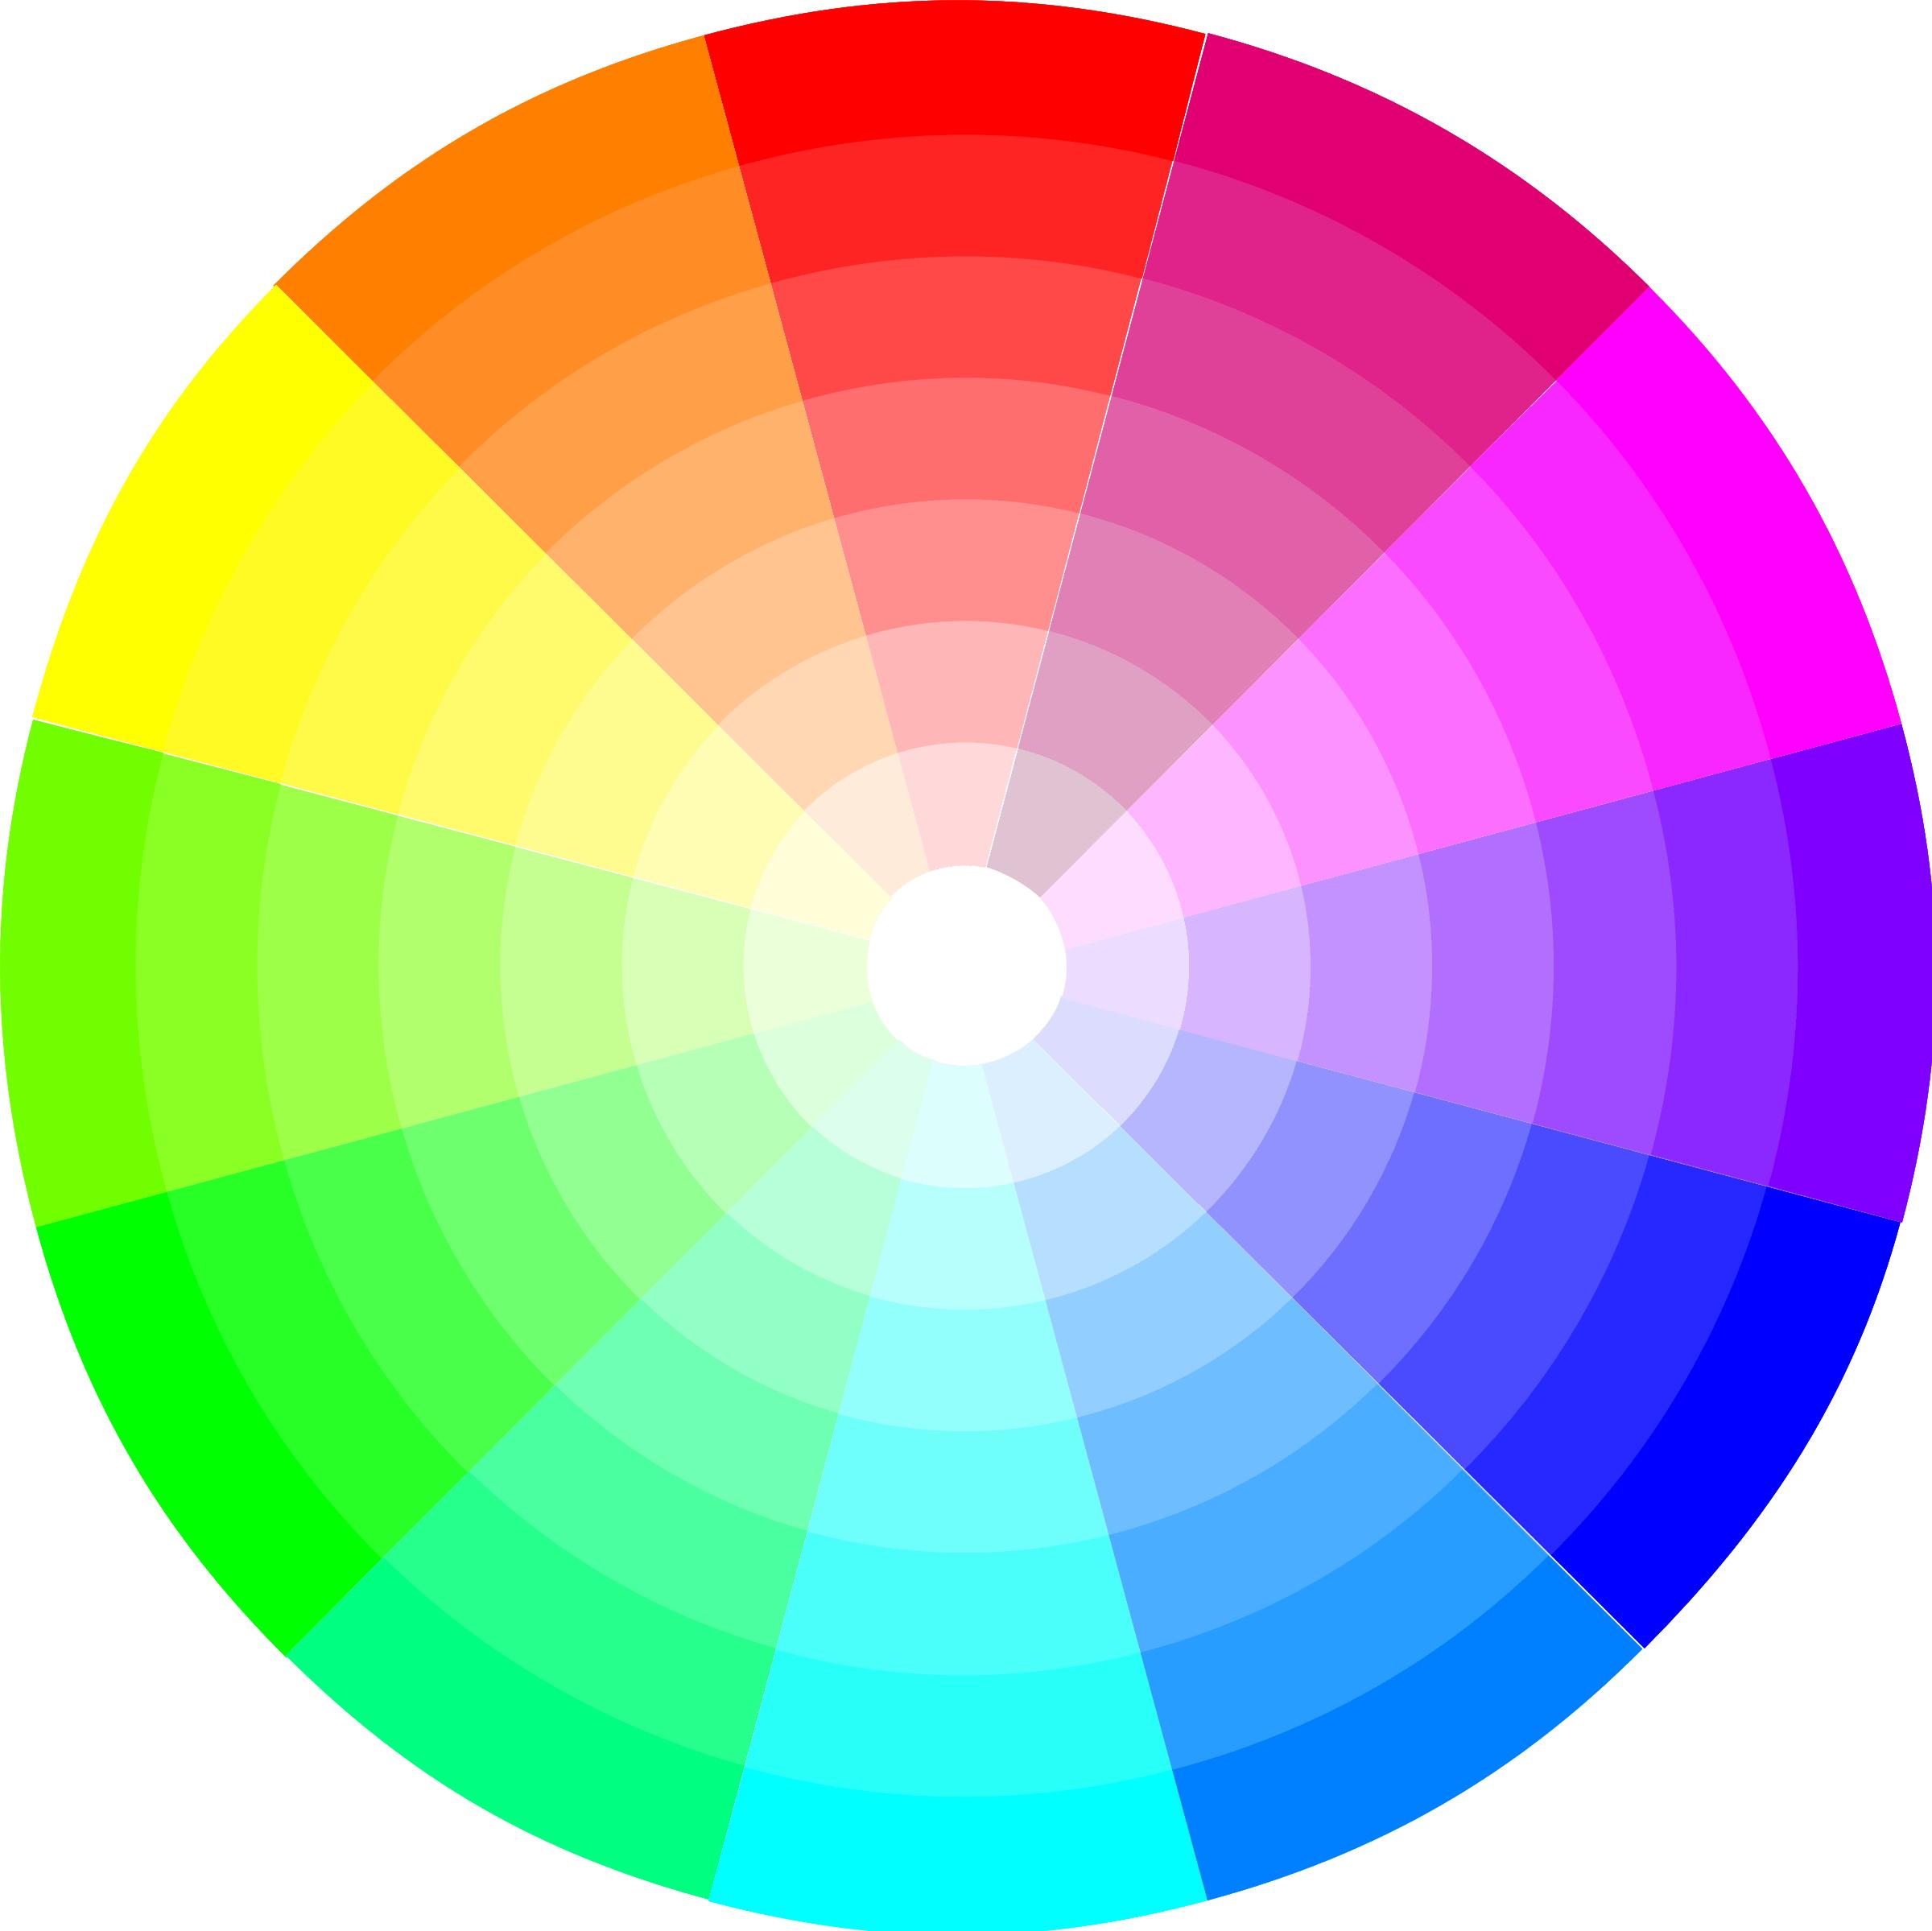 kleurenschema zilvershampoo